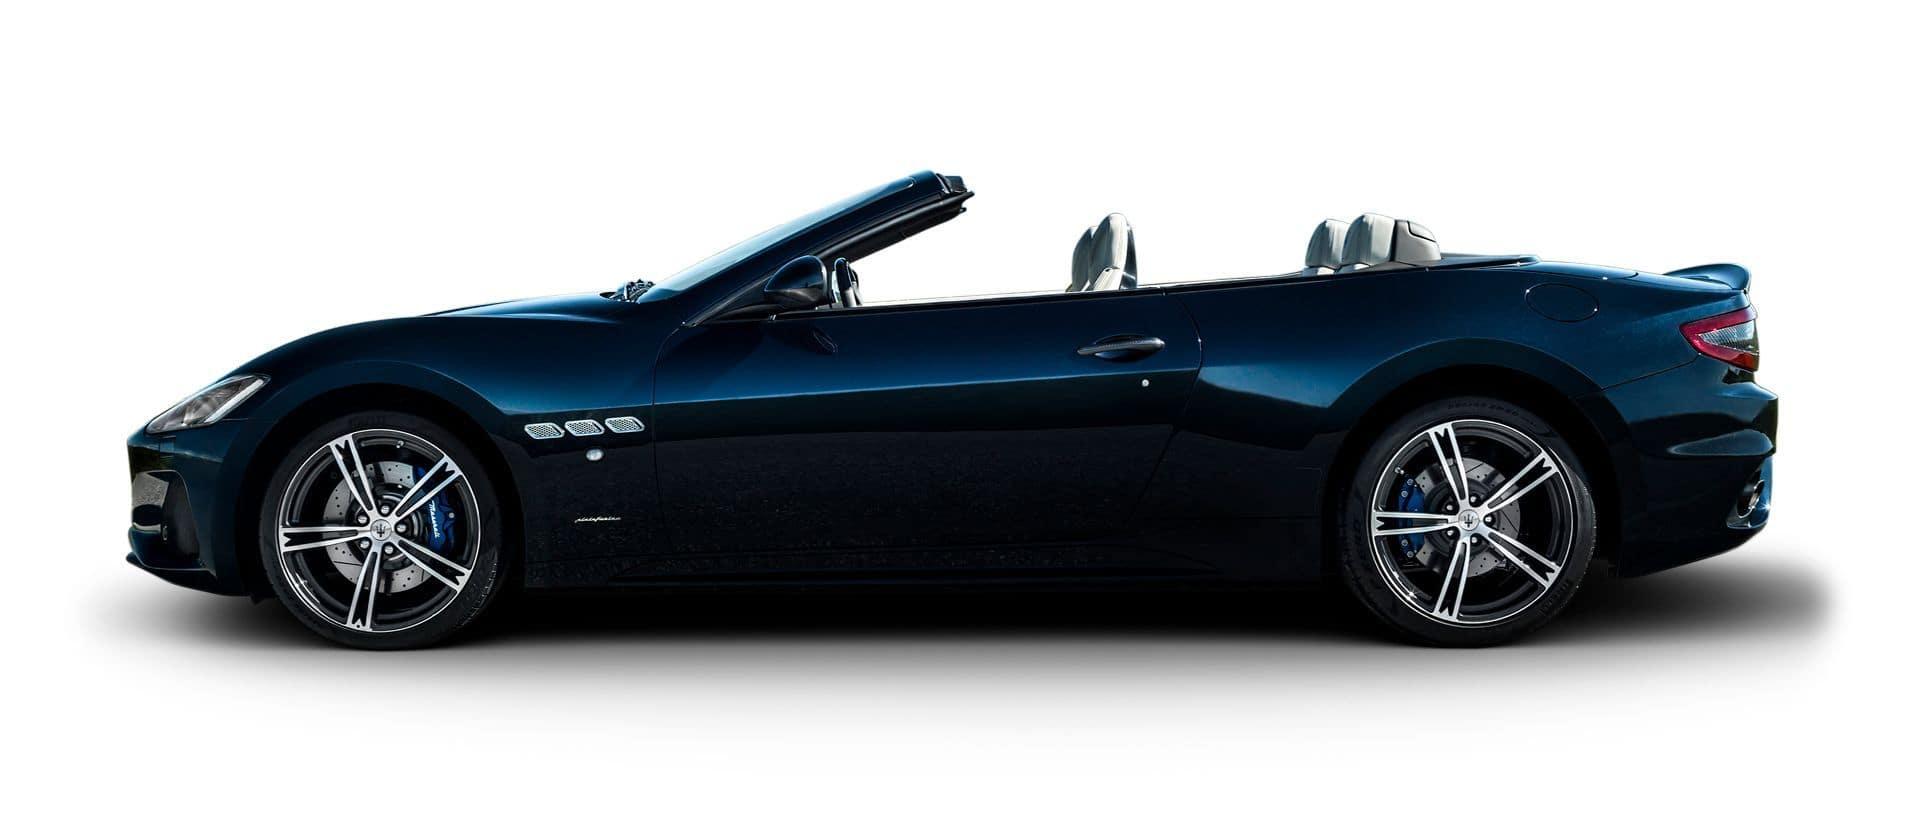 GranTurismo-convertible-side